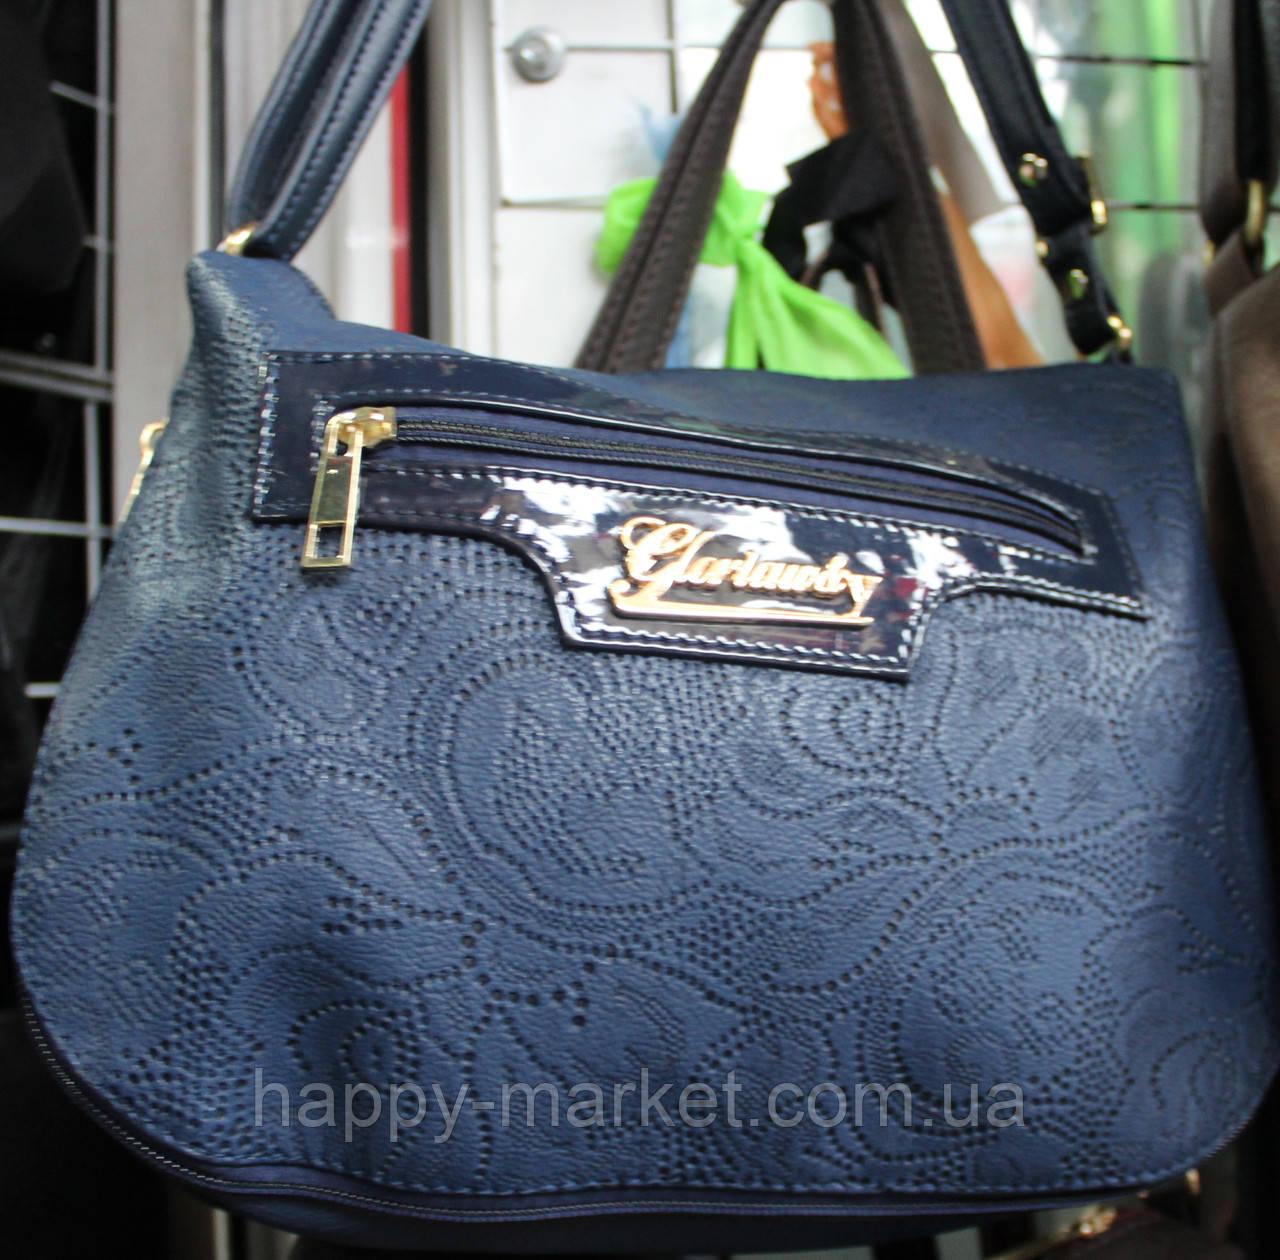 4634f4e899c9 Сумка-клатч стильный женский Ажурная 17-1409-4 - Интернет-магазин Хеппи